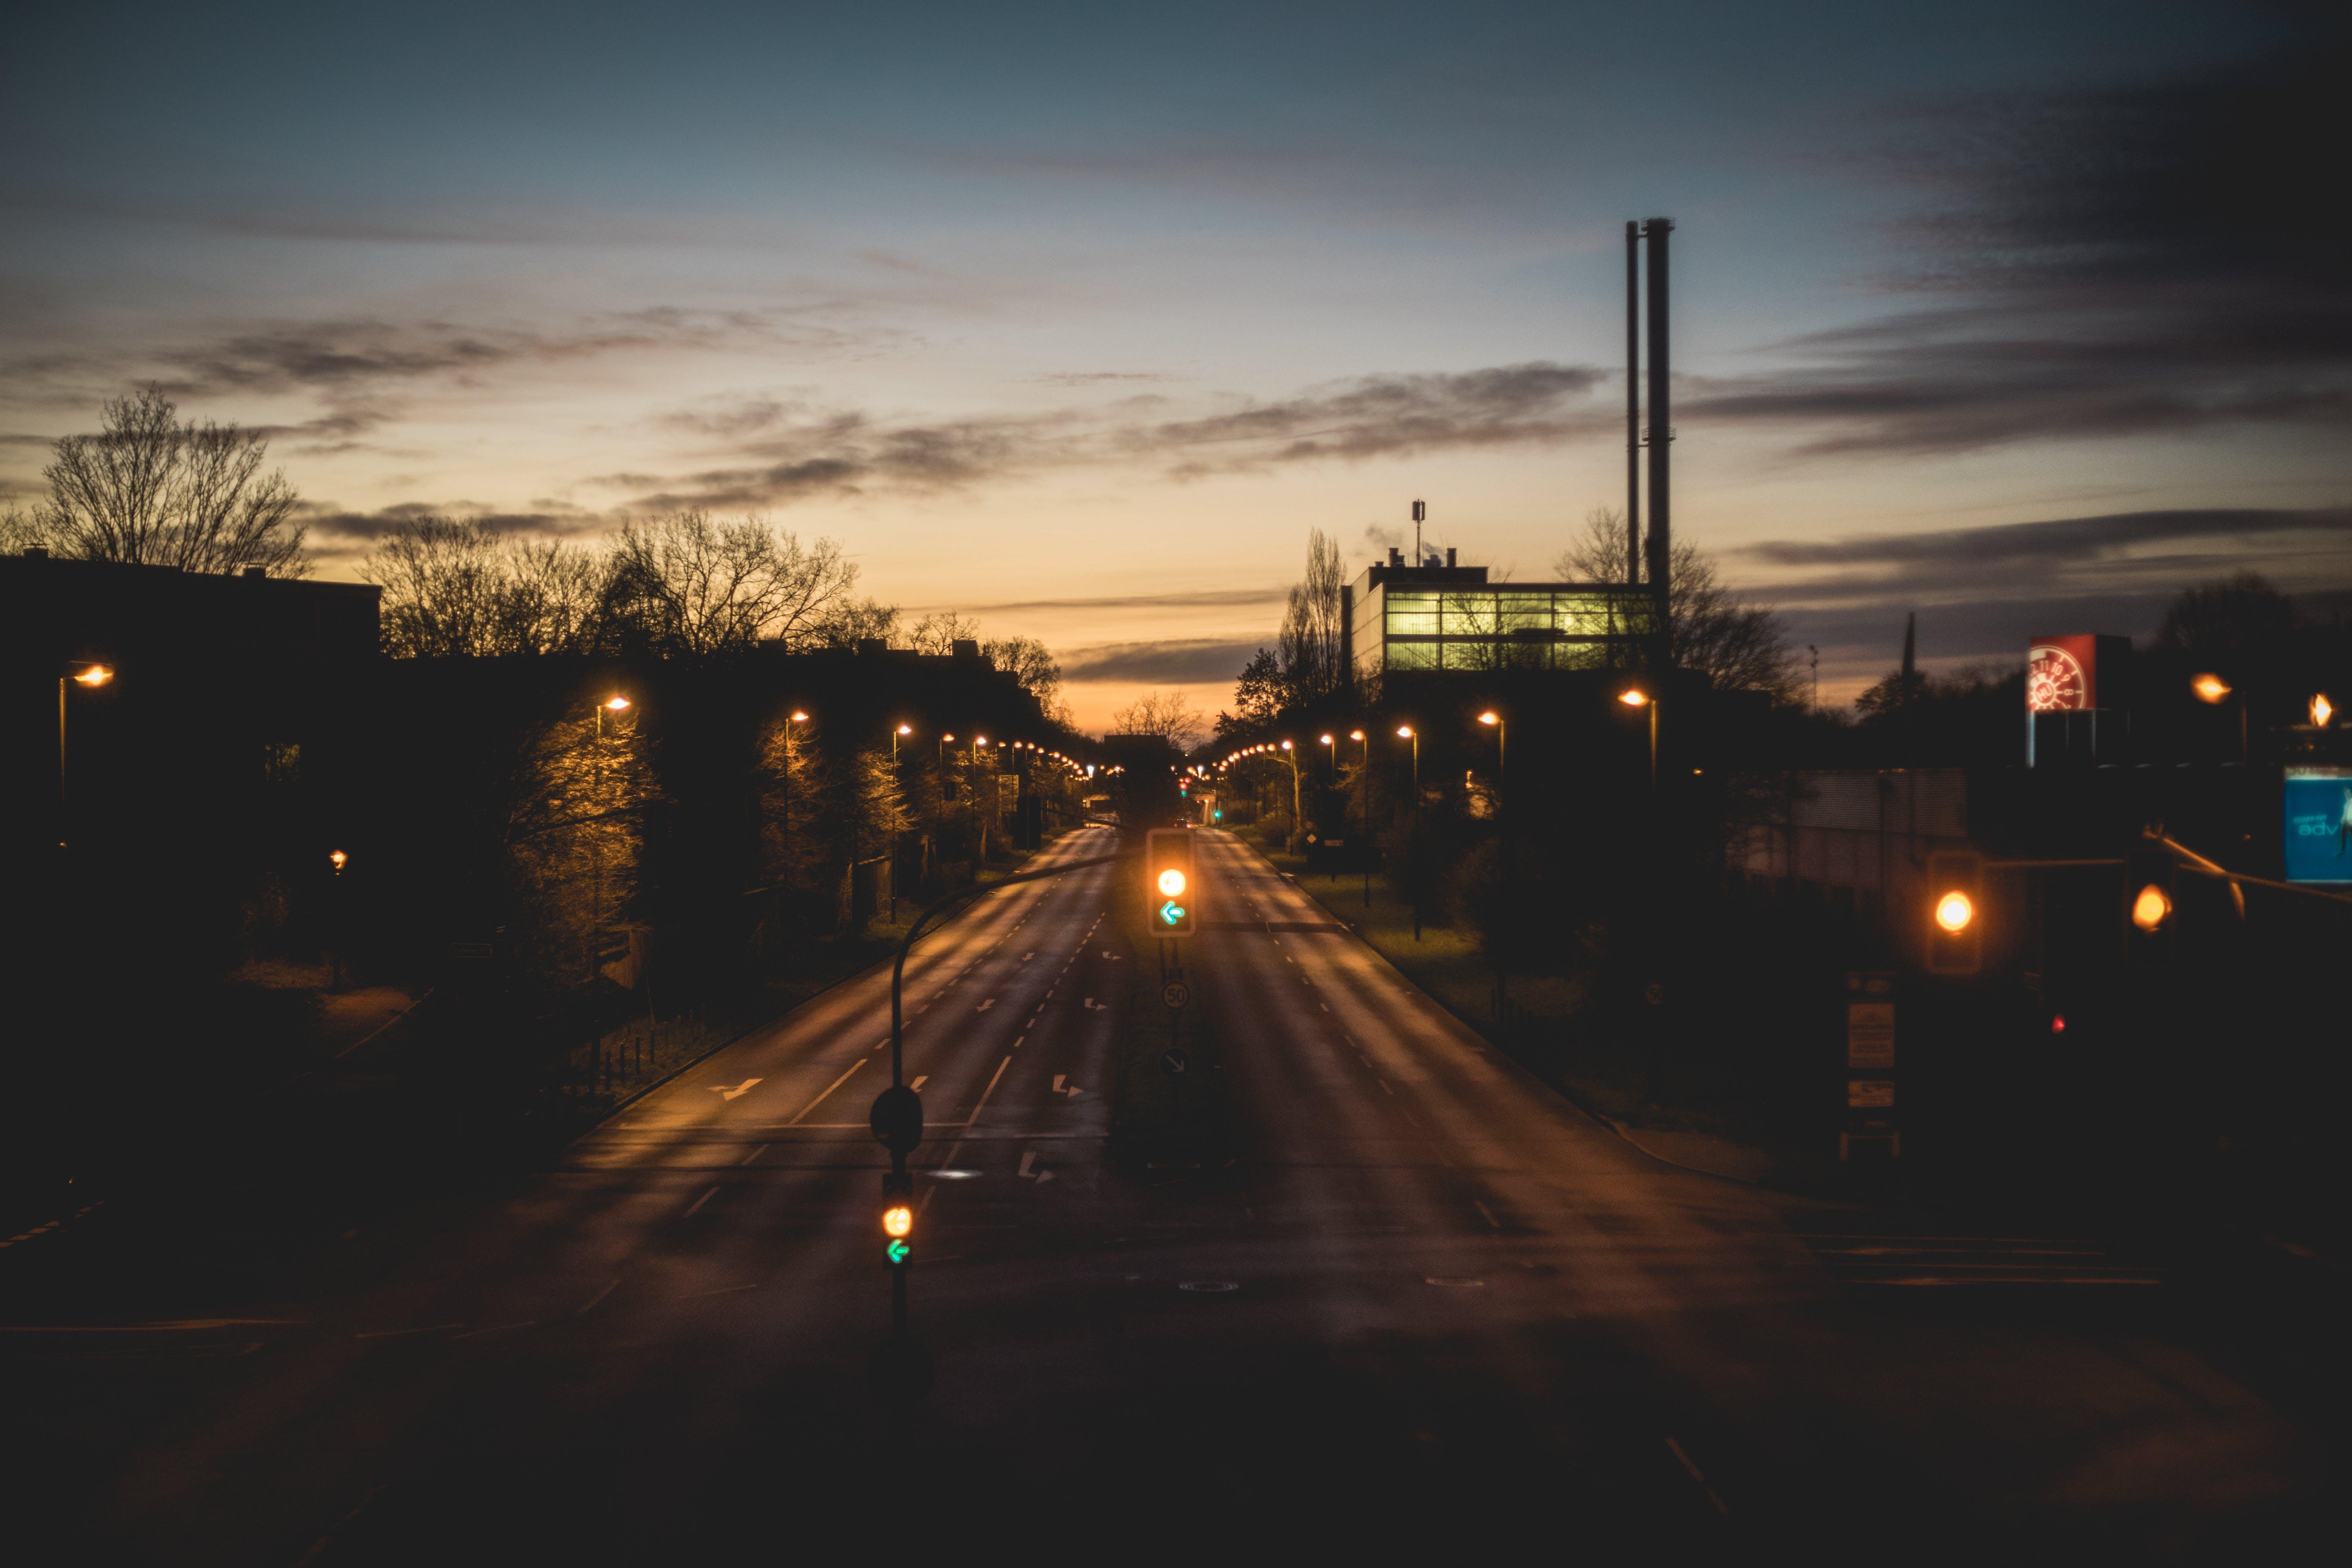 Δωρεάν στοκ φωτογραφιών με ατμοσφαιρικός, αυγή, Γερμανία, γέφυρα